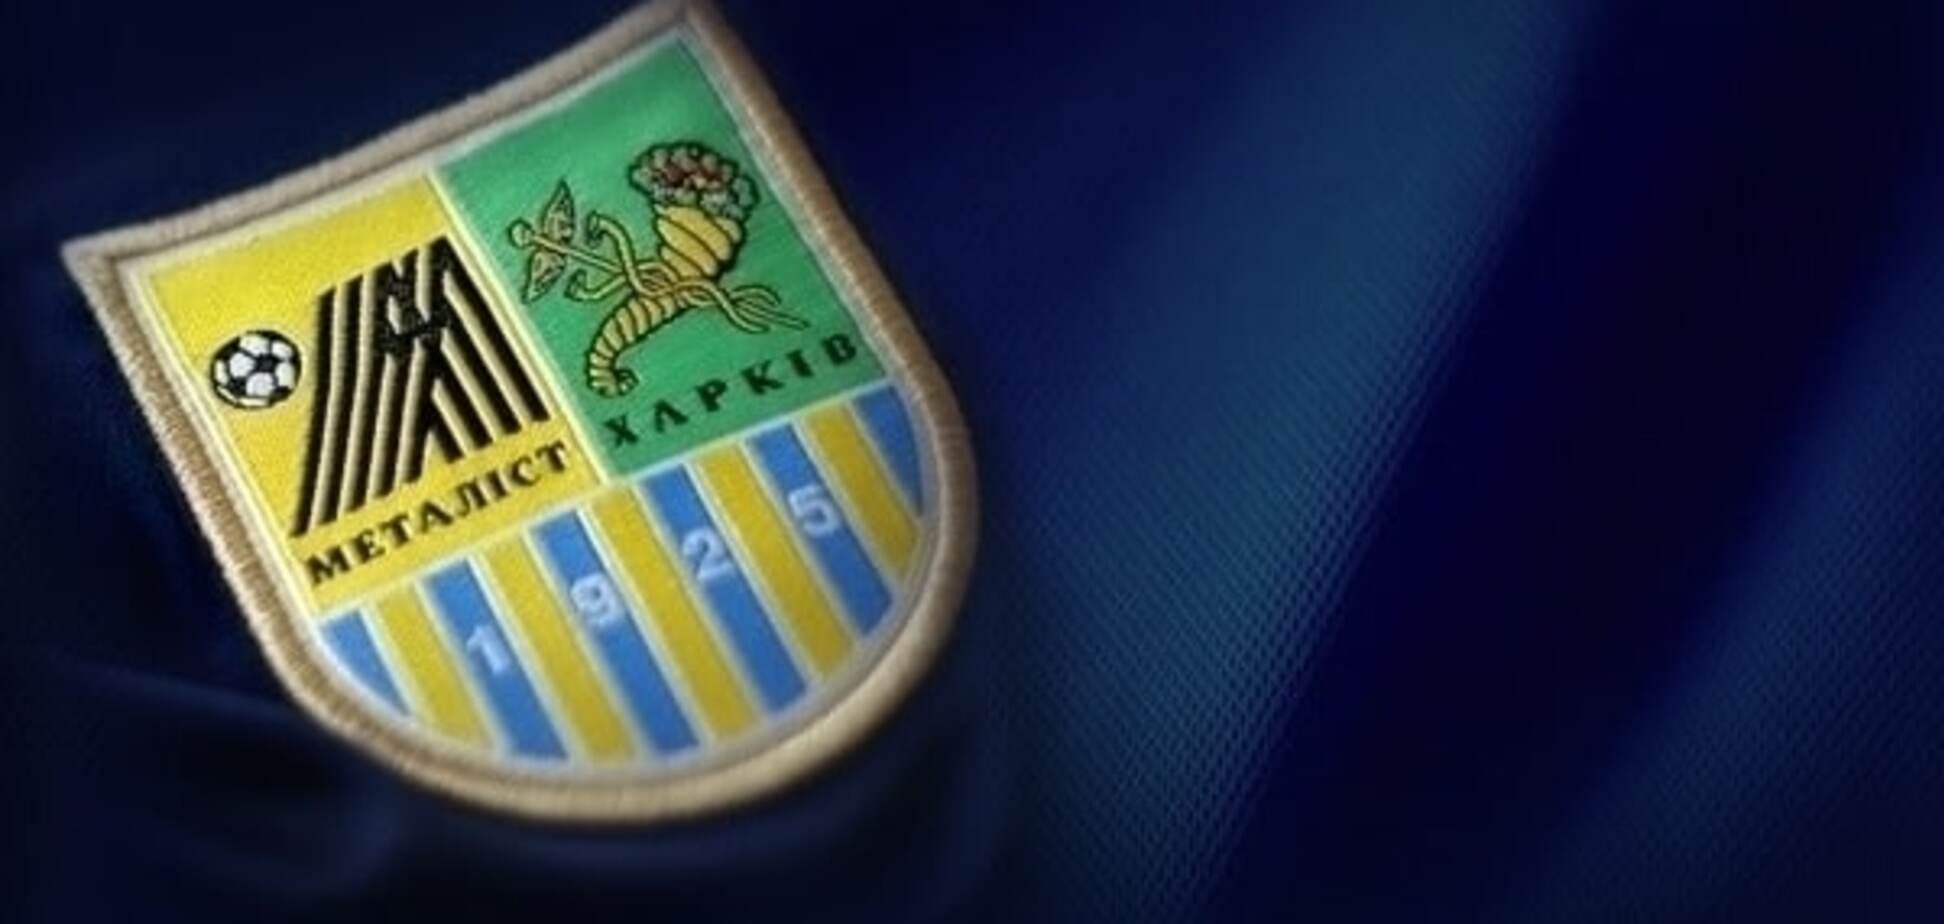 'Металіст' можуть виключити з Прем'єр-ліги